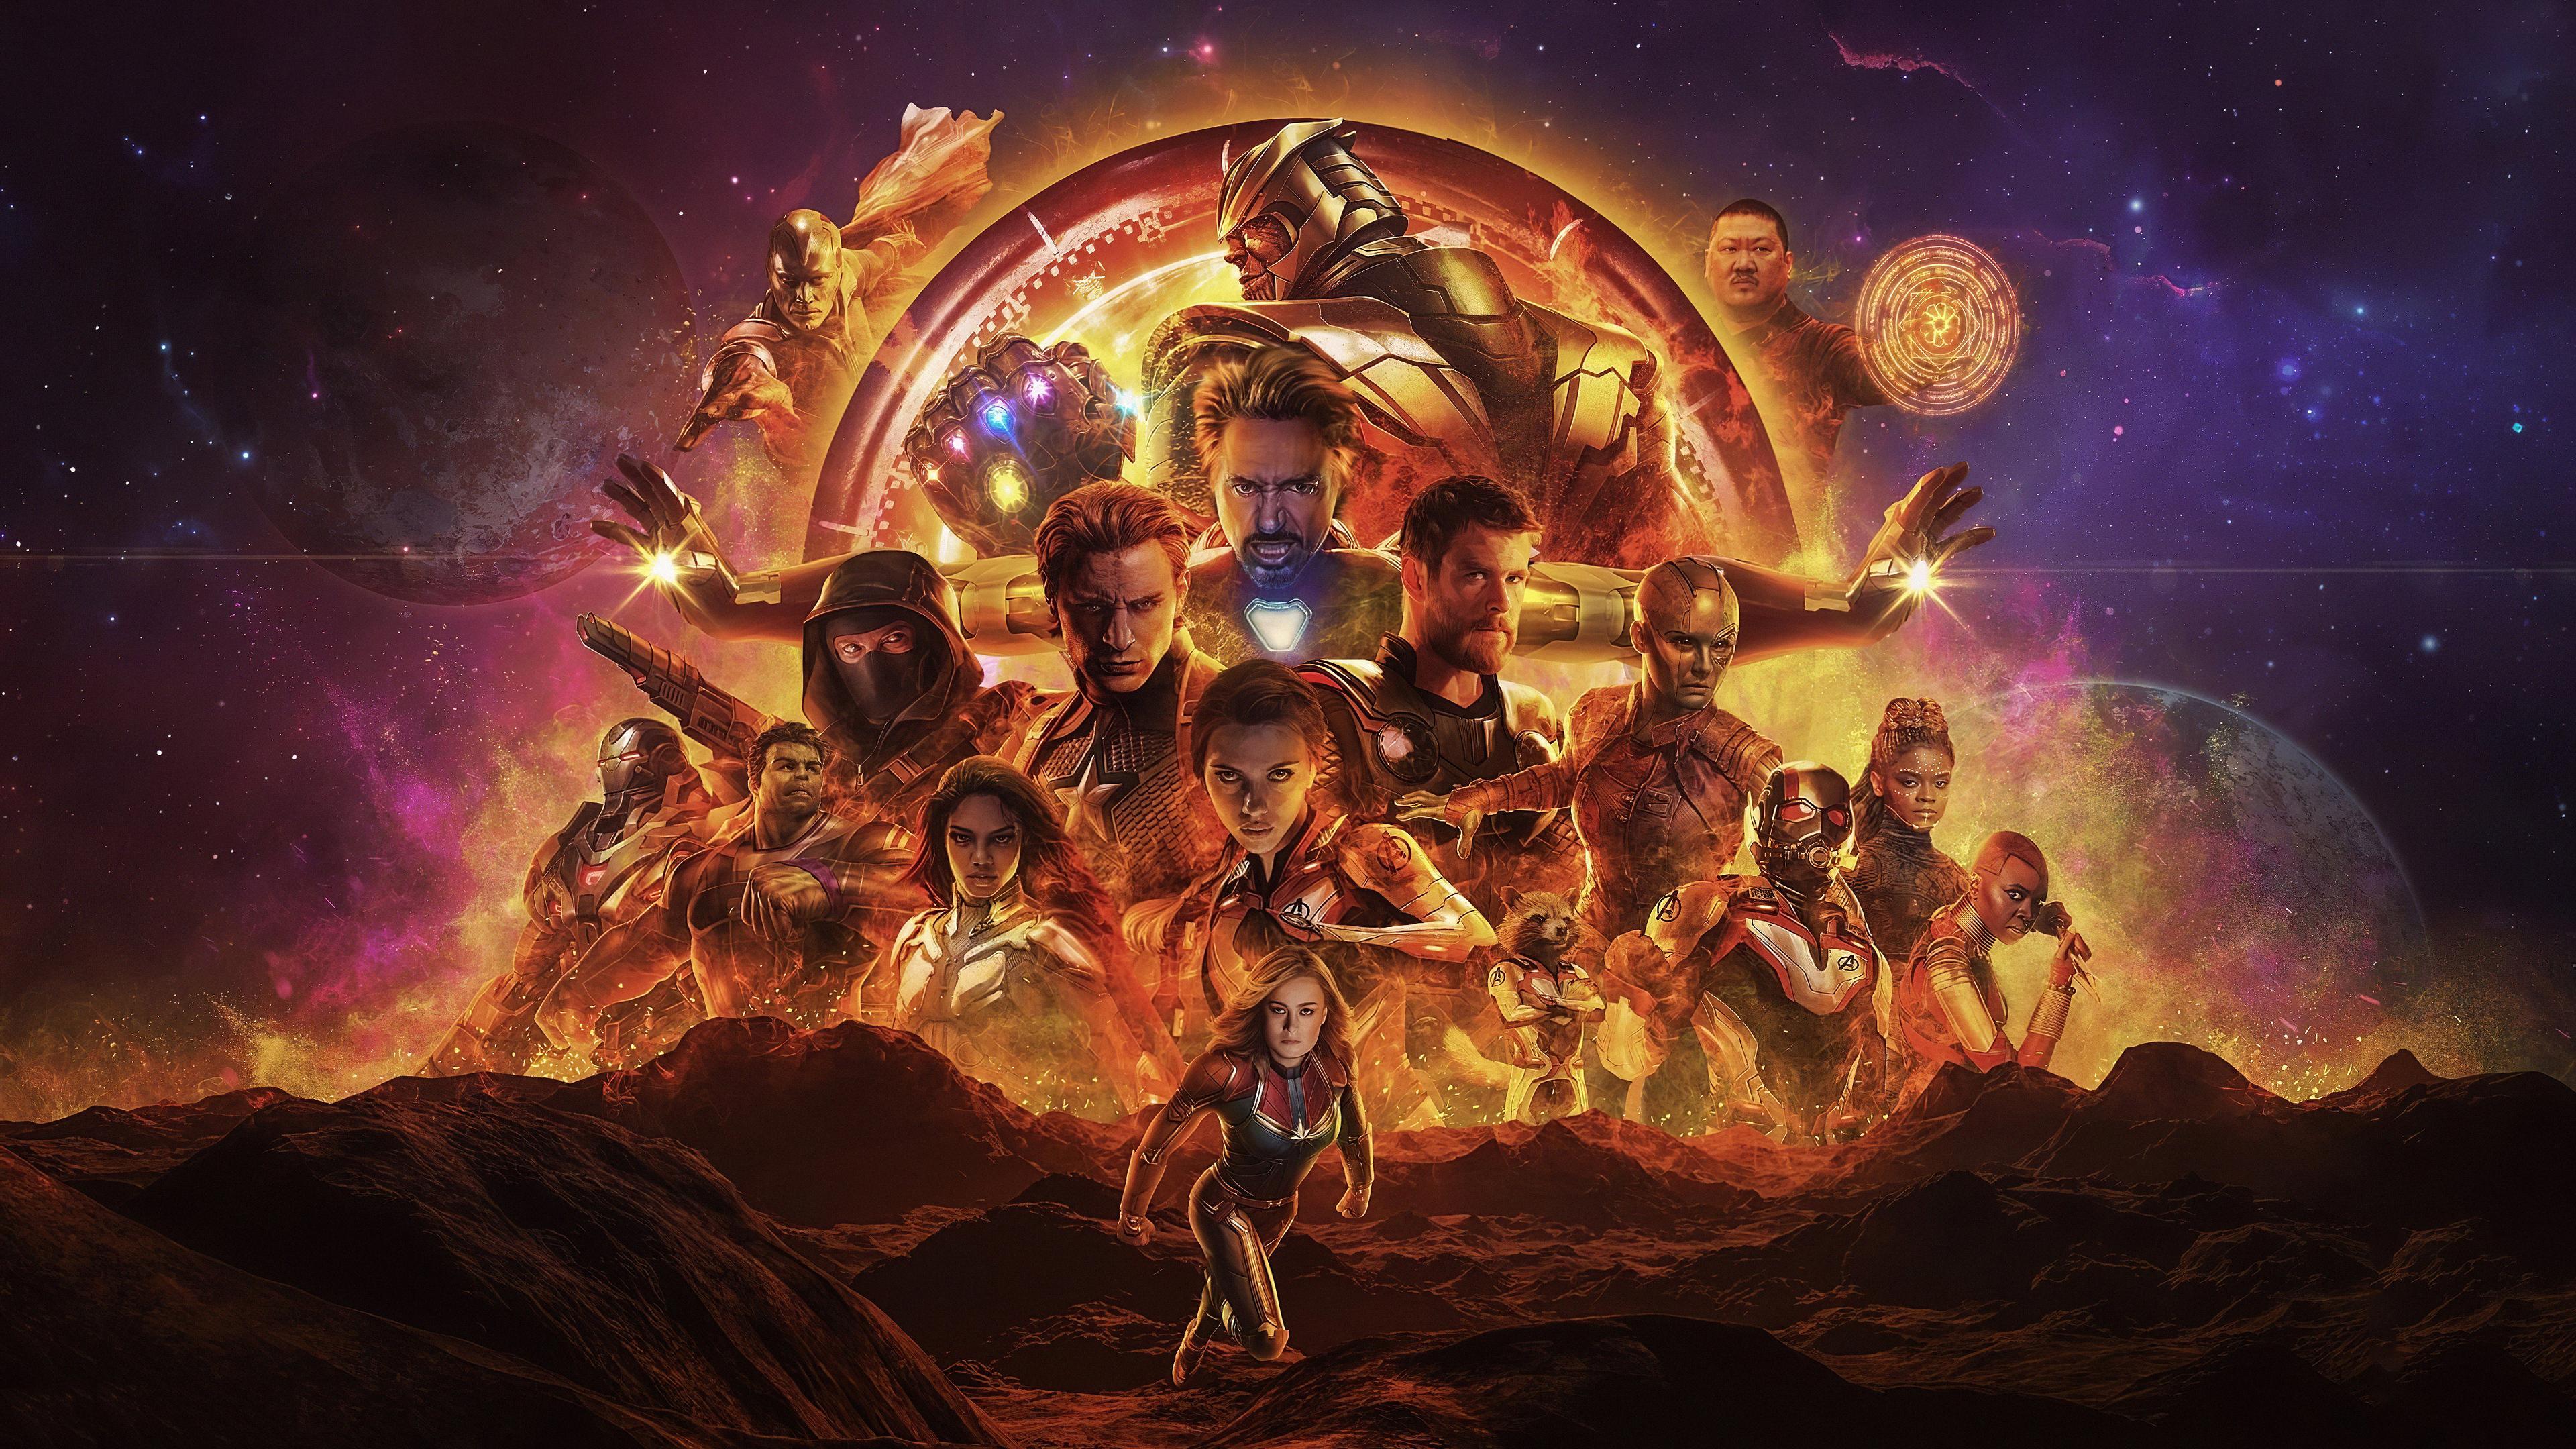 avengers endgame new poster 1572368481 - Avengers Endgame New Poster - thor wallpapers, superheroes wallpapers, hd-wallpapers, avengers endgame wallpapers, artwork wallpapers, 4k-wallpapers